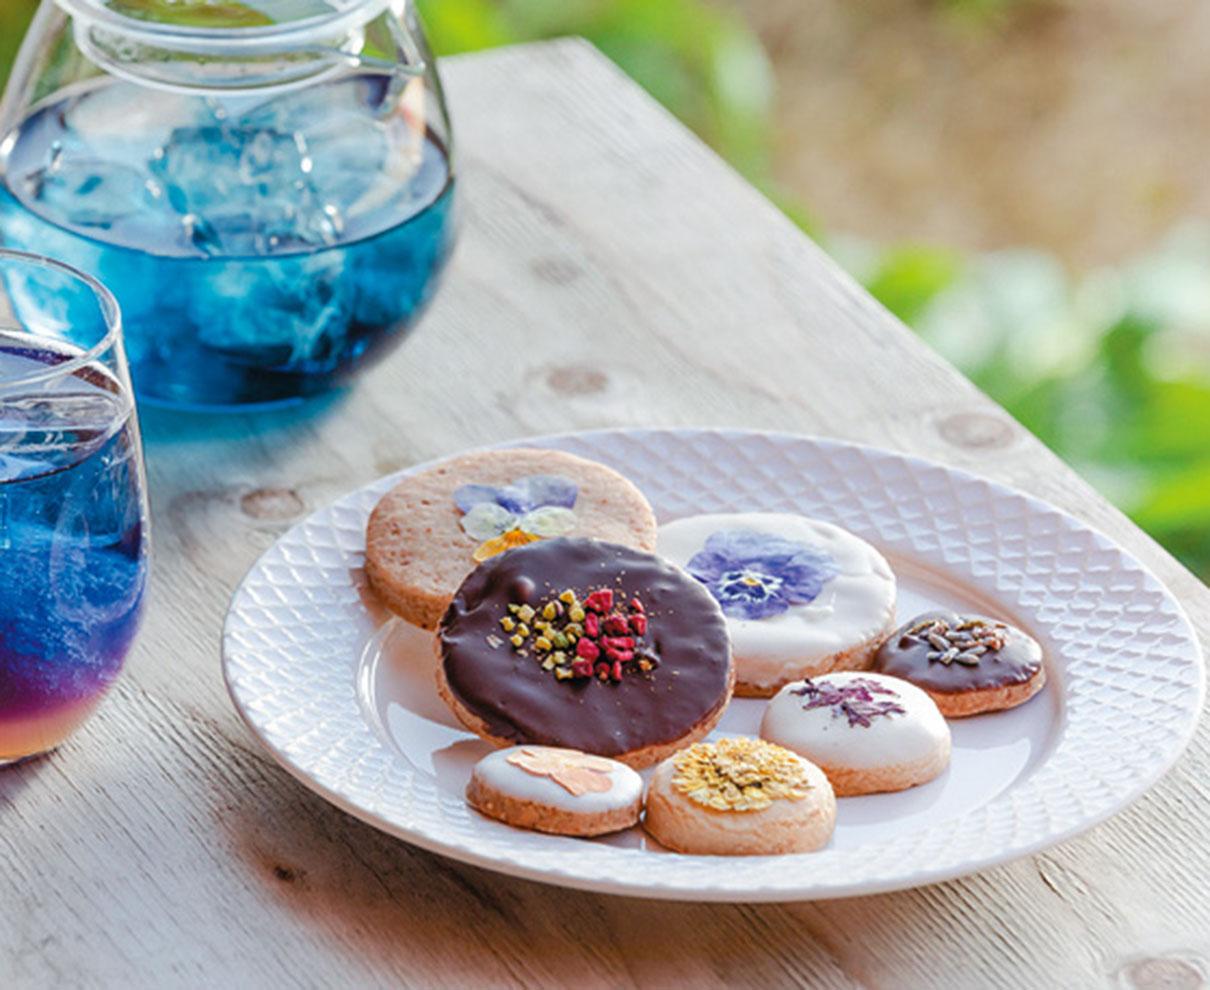 今日のおやつは、きなりの酒粕クッキー♪